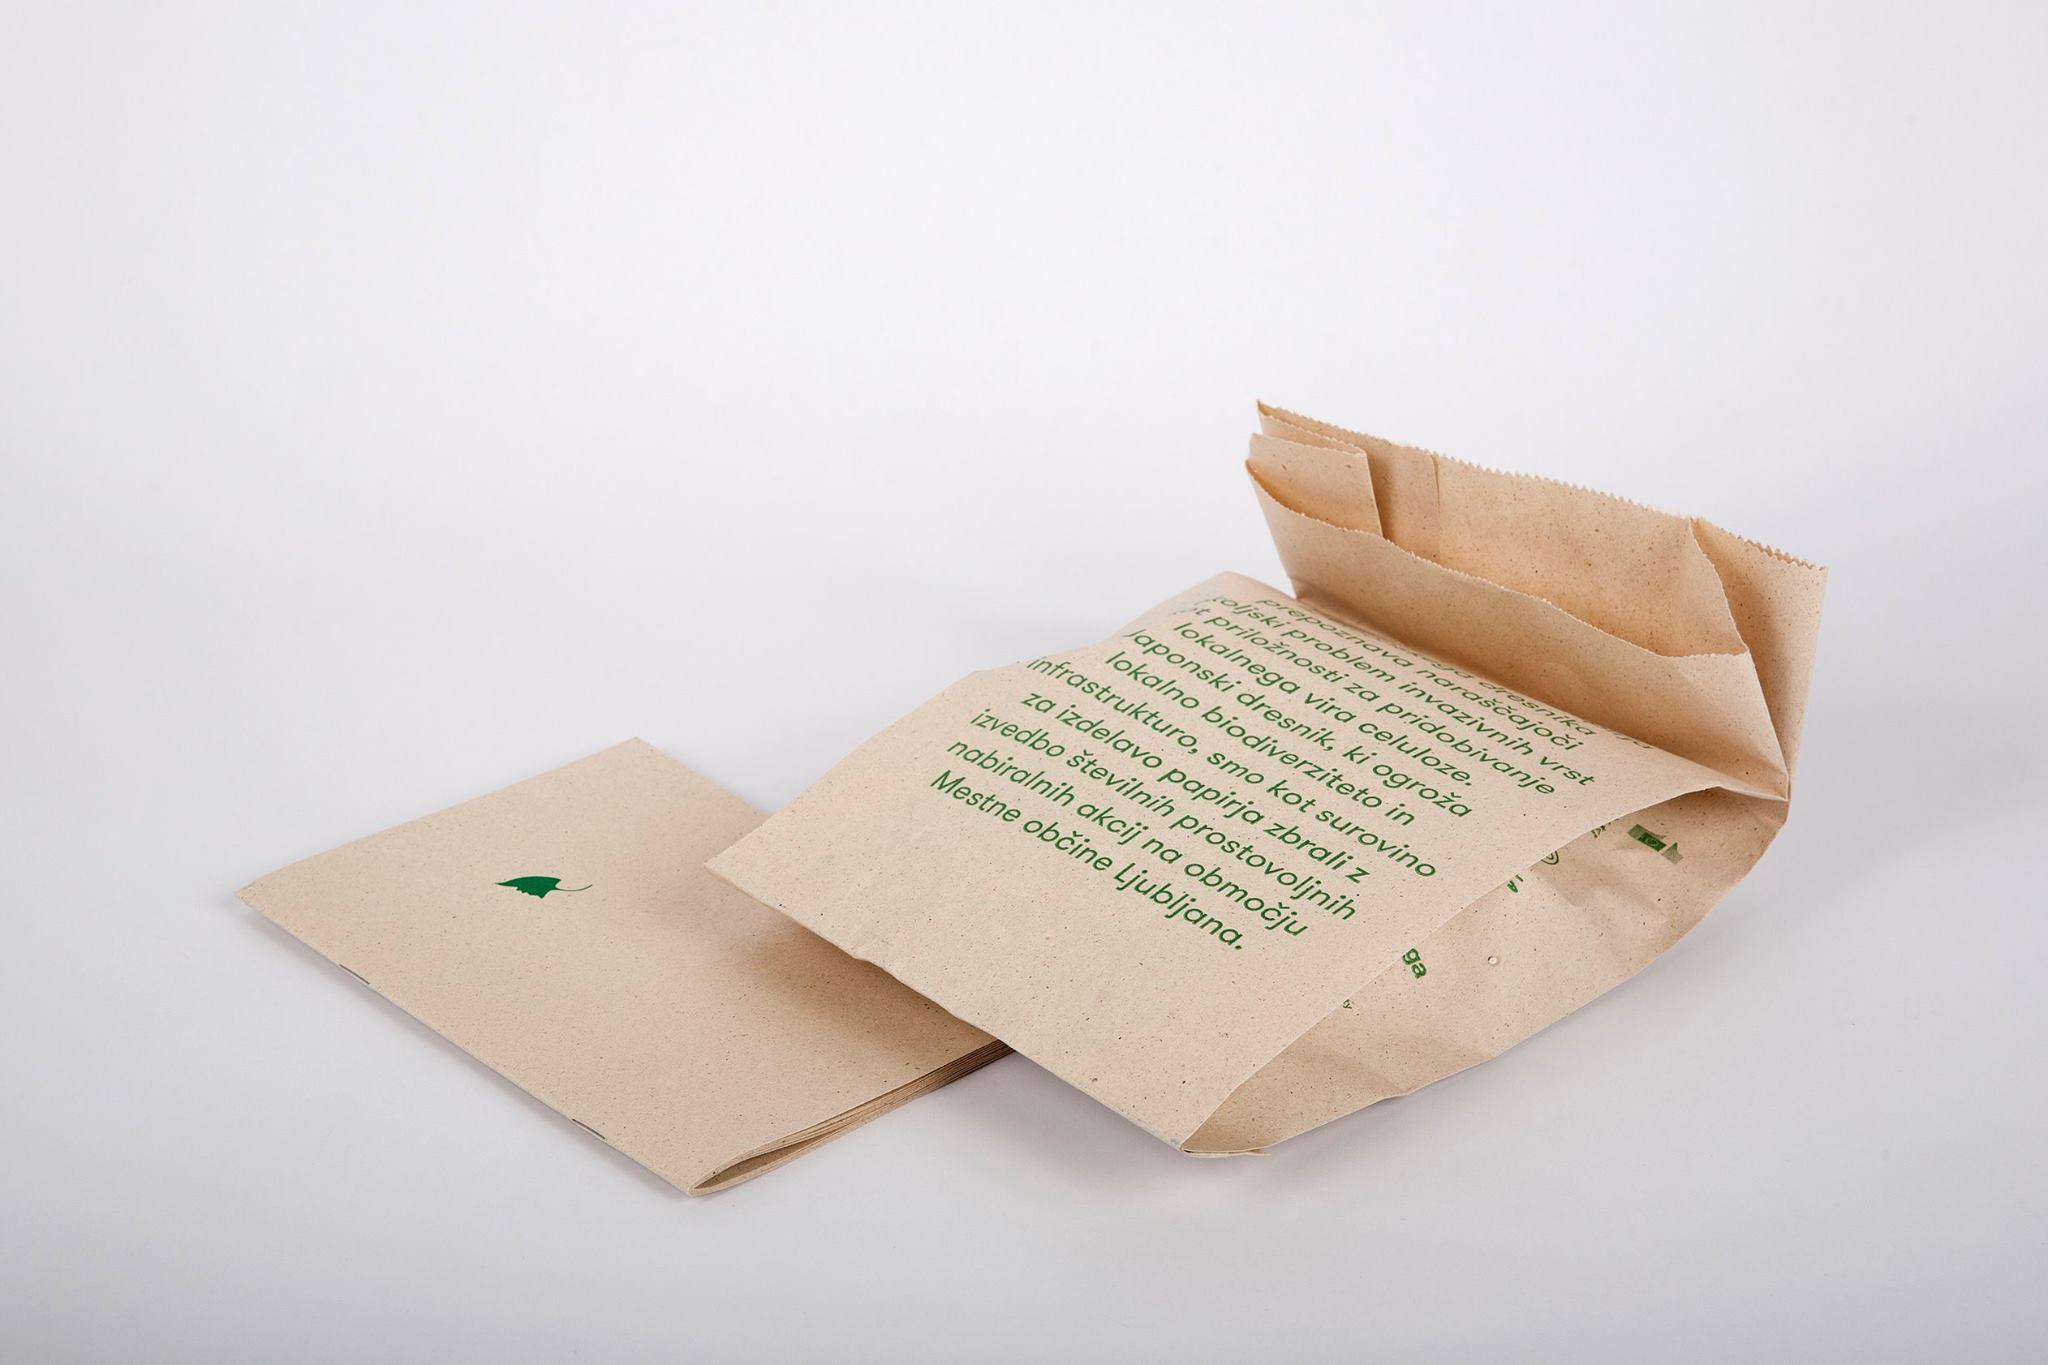 5_vrecka_in_zvezek_iz_pilotnega_projekta_industrijske_izdelave_papirja.jpg